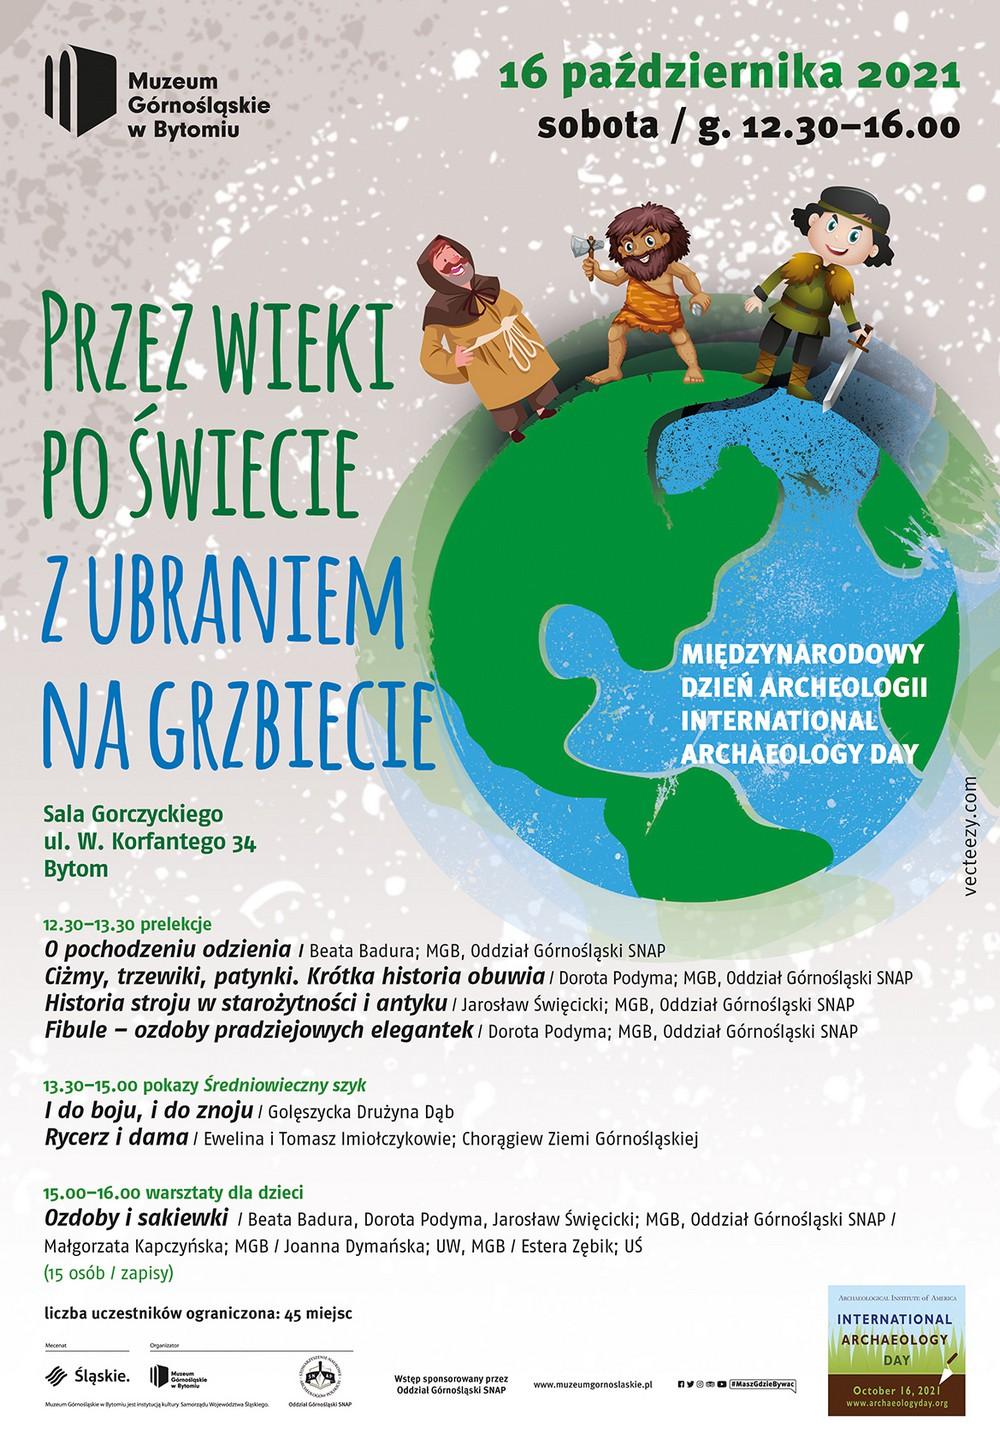 Międzynarodowy Dzień Archeologii w Muzeum Górnośląskim